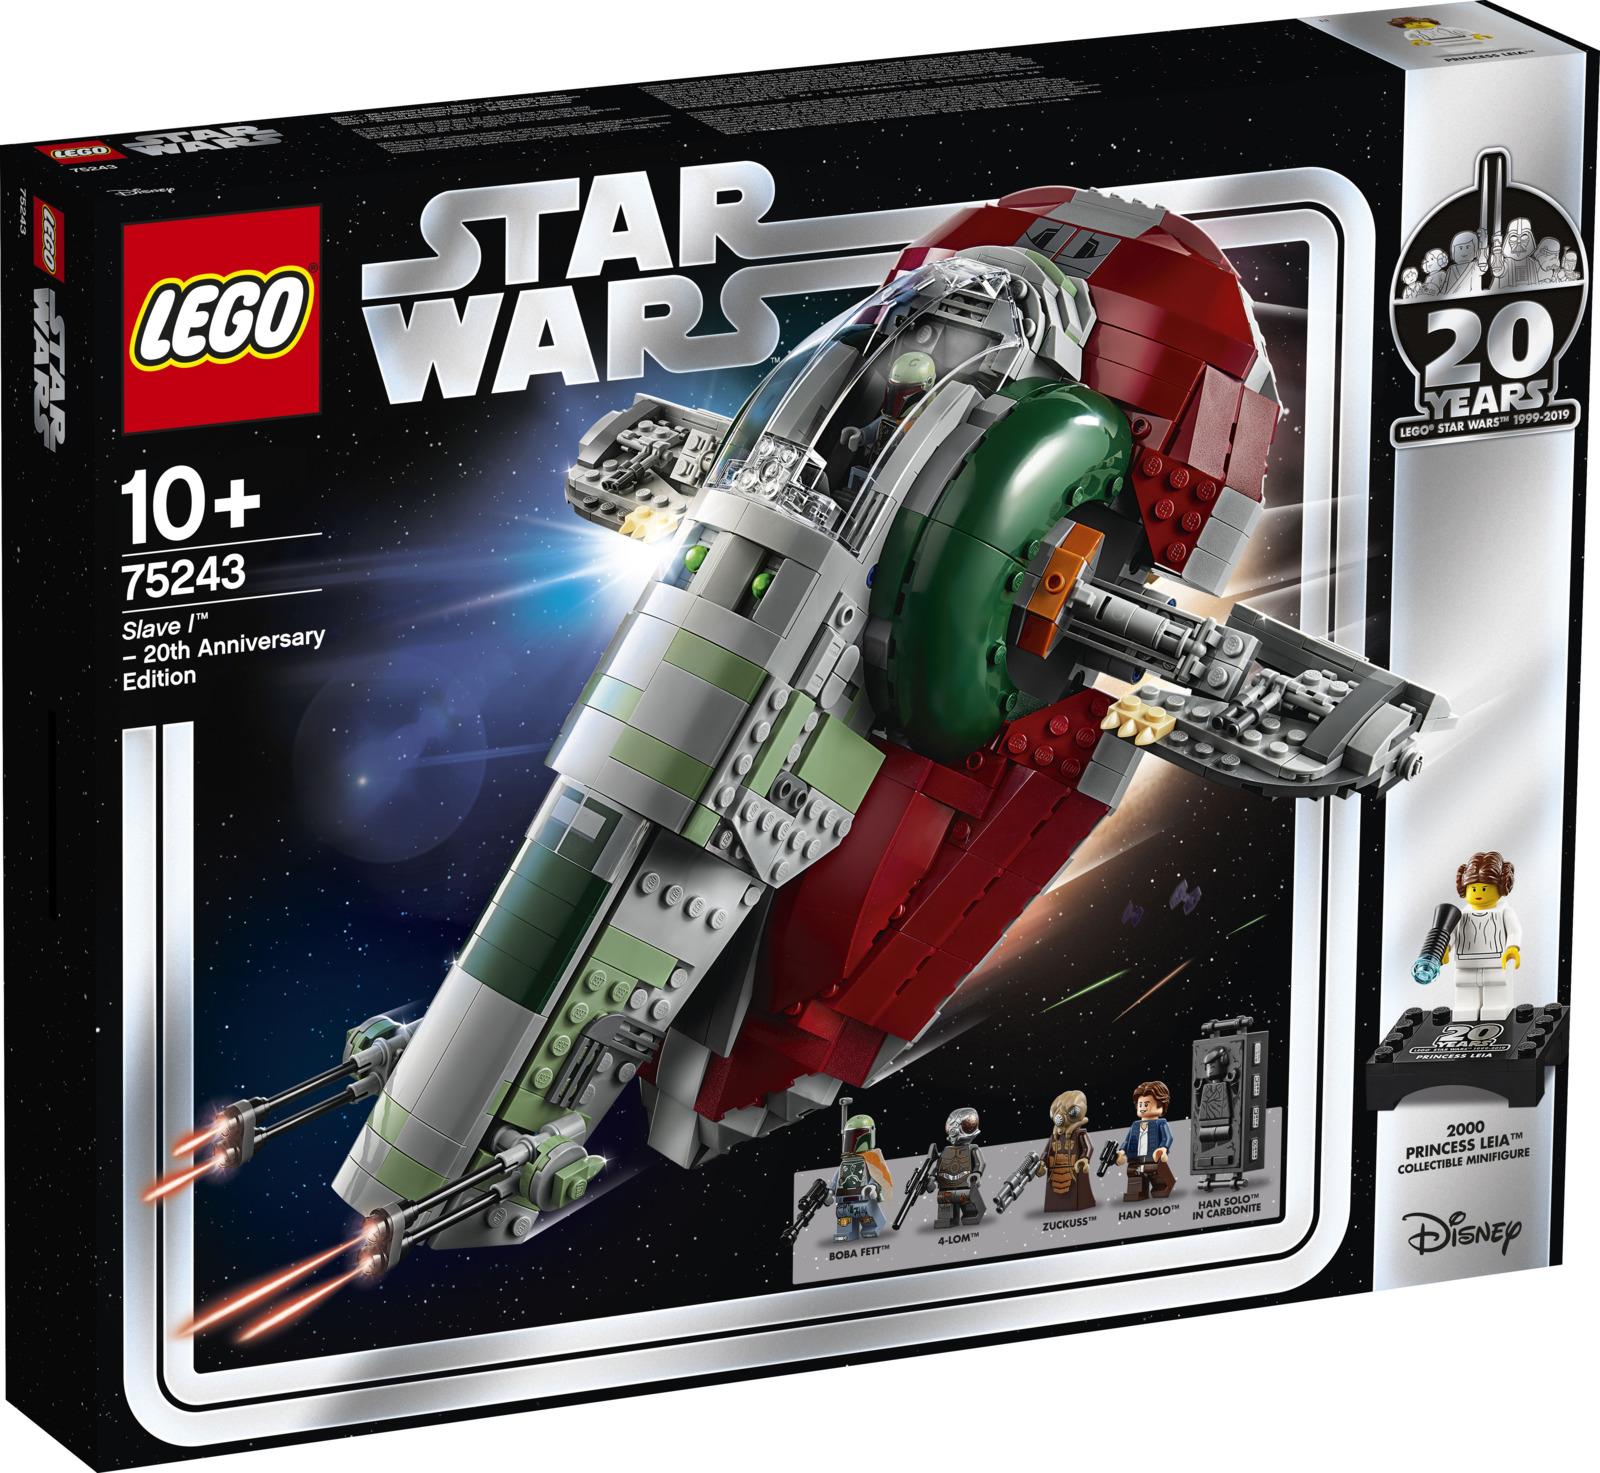 LEGO Star Wars 75243 Раб I выпуск к 20-летнему юбилею Конструктор